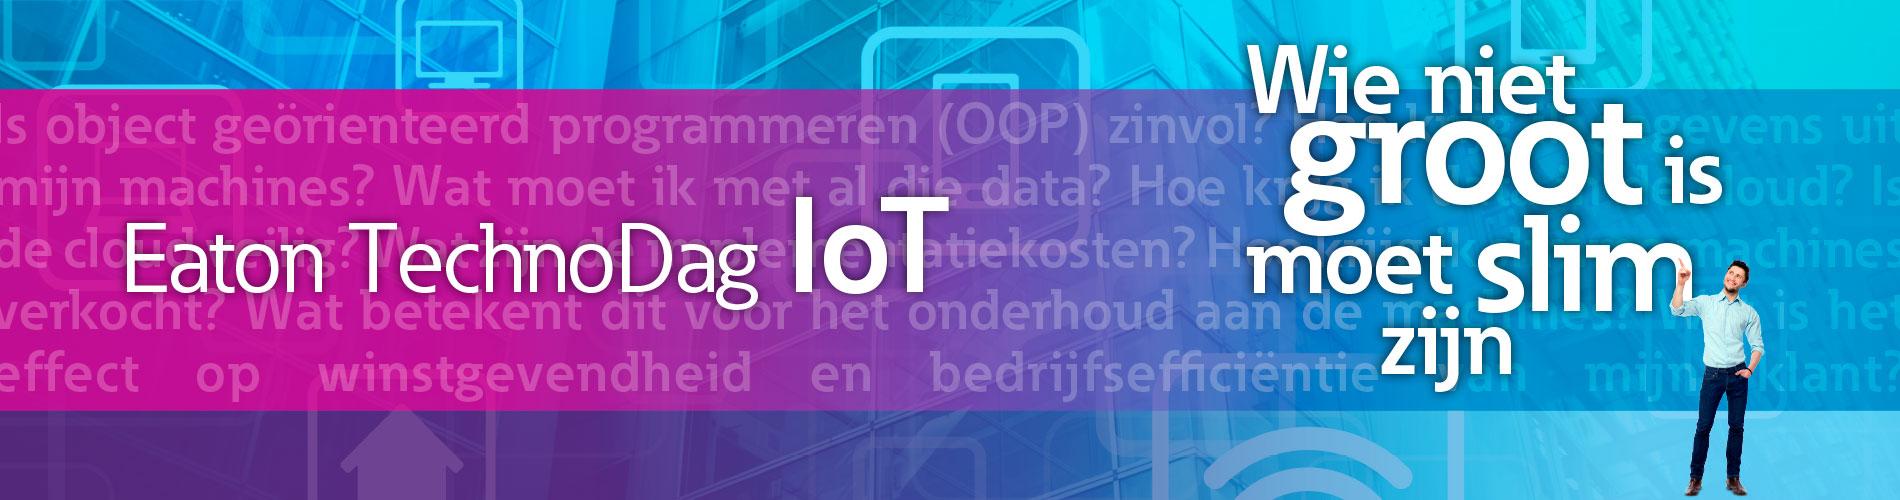 Kom naar de Eaton Technodag IoT voor machinebouw